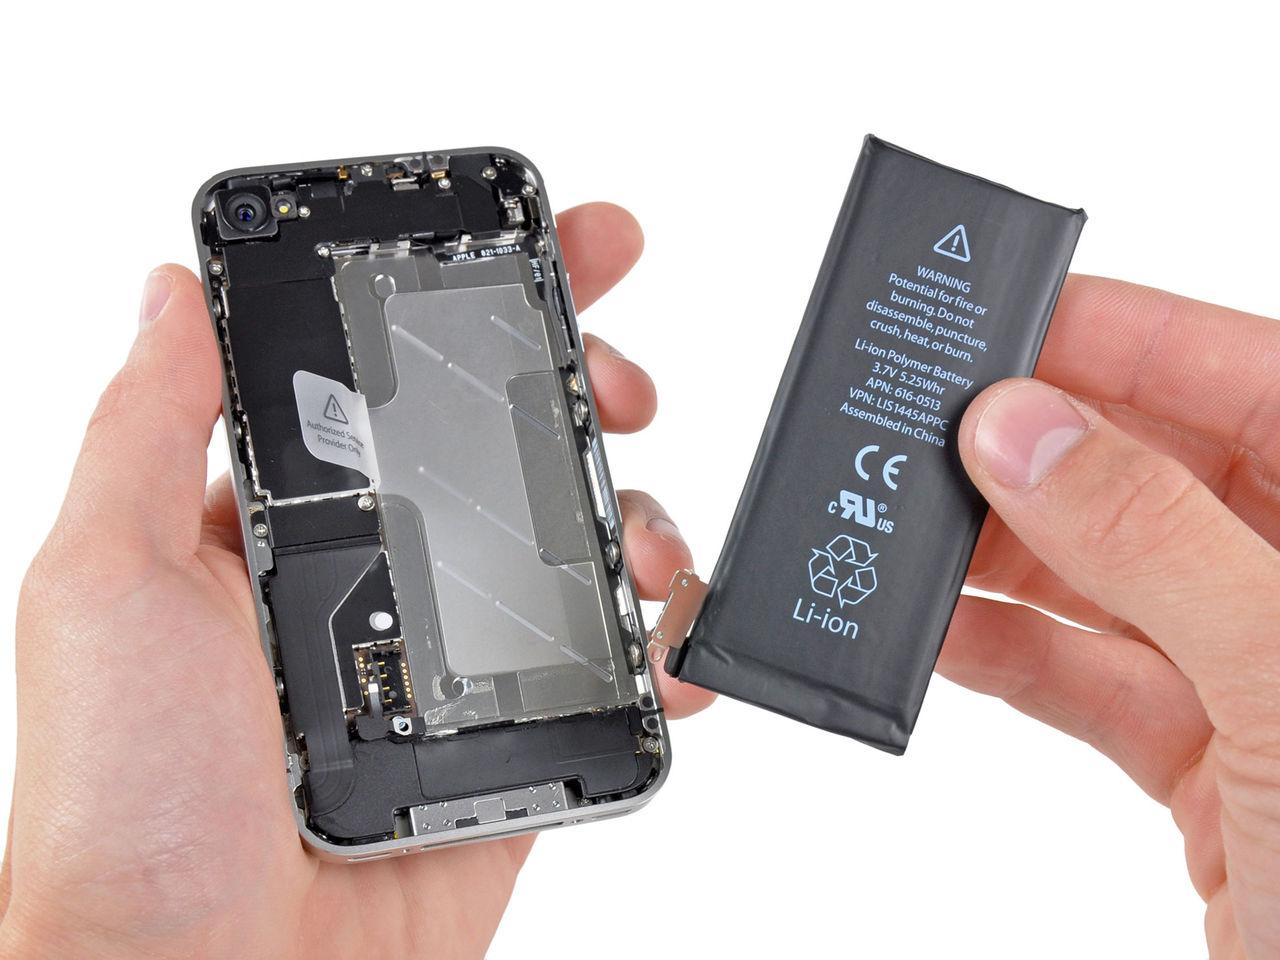 Snart får du bestämma själv om din iPhone ska bli långsammare